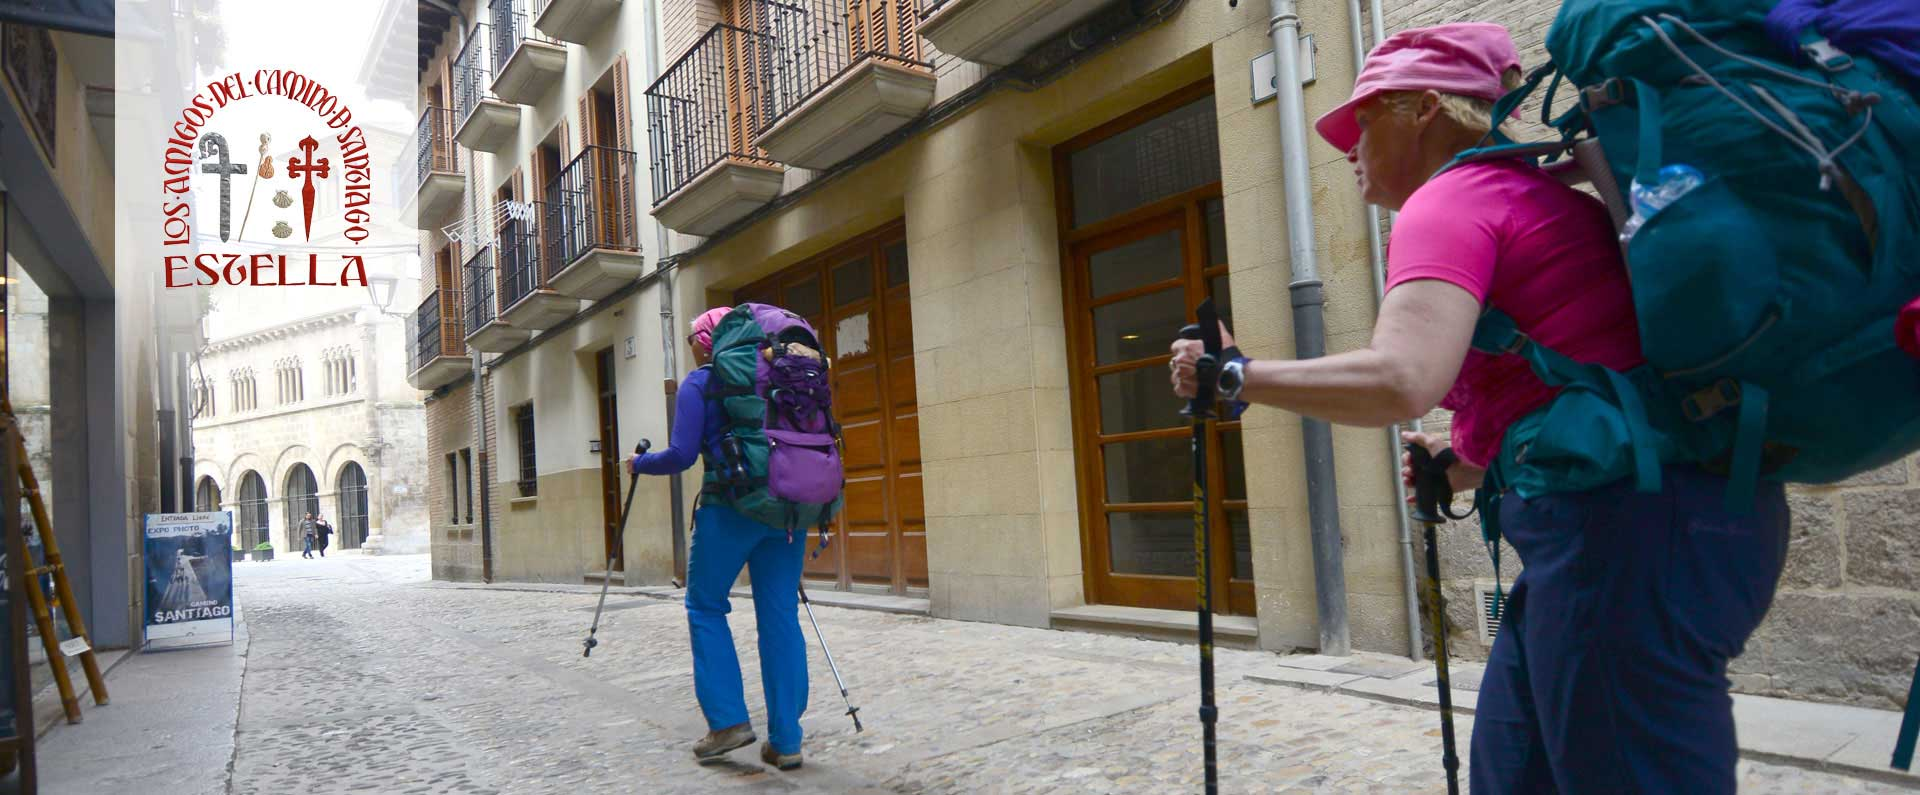 Amigos del Camino de Santiago de Estella